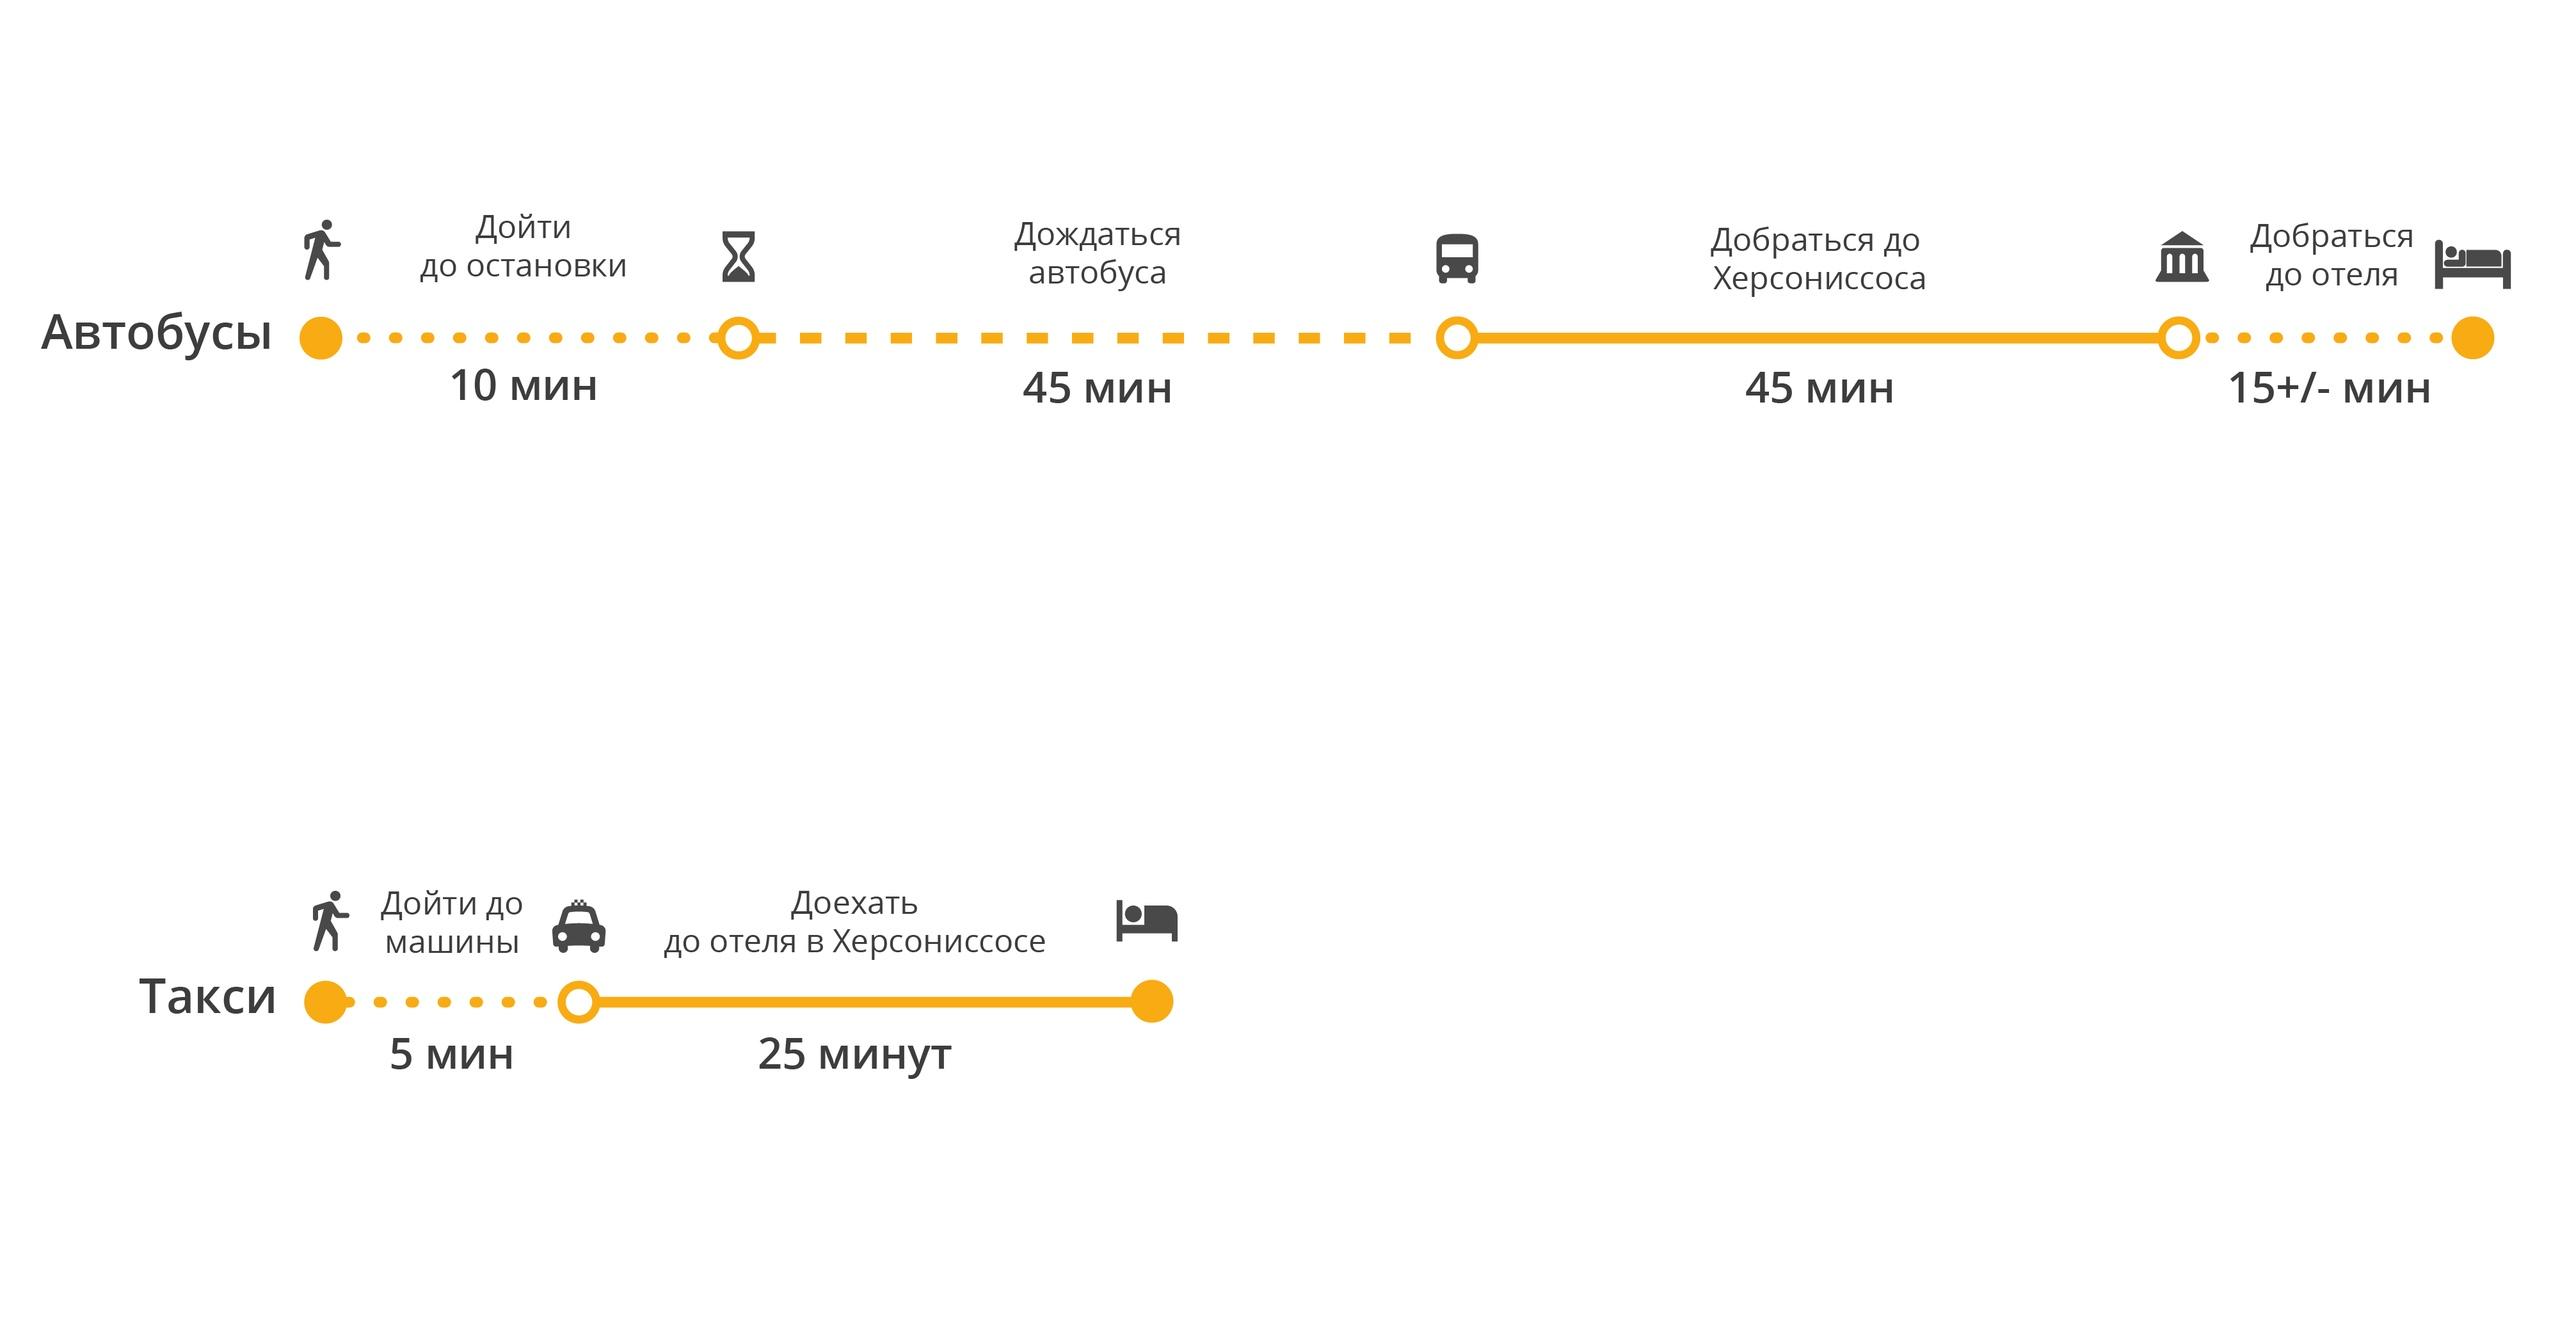 Сравнение способов добраться от аэропорта Ираклиона до Херсониссоса